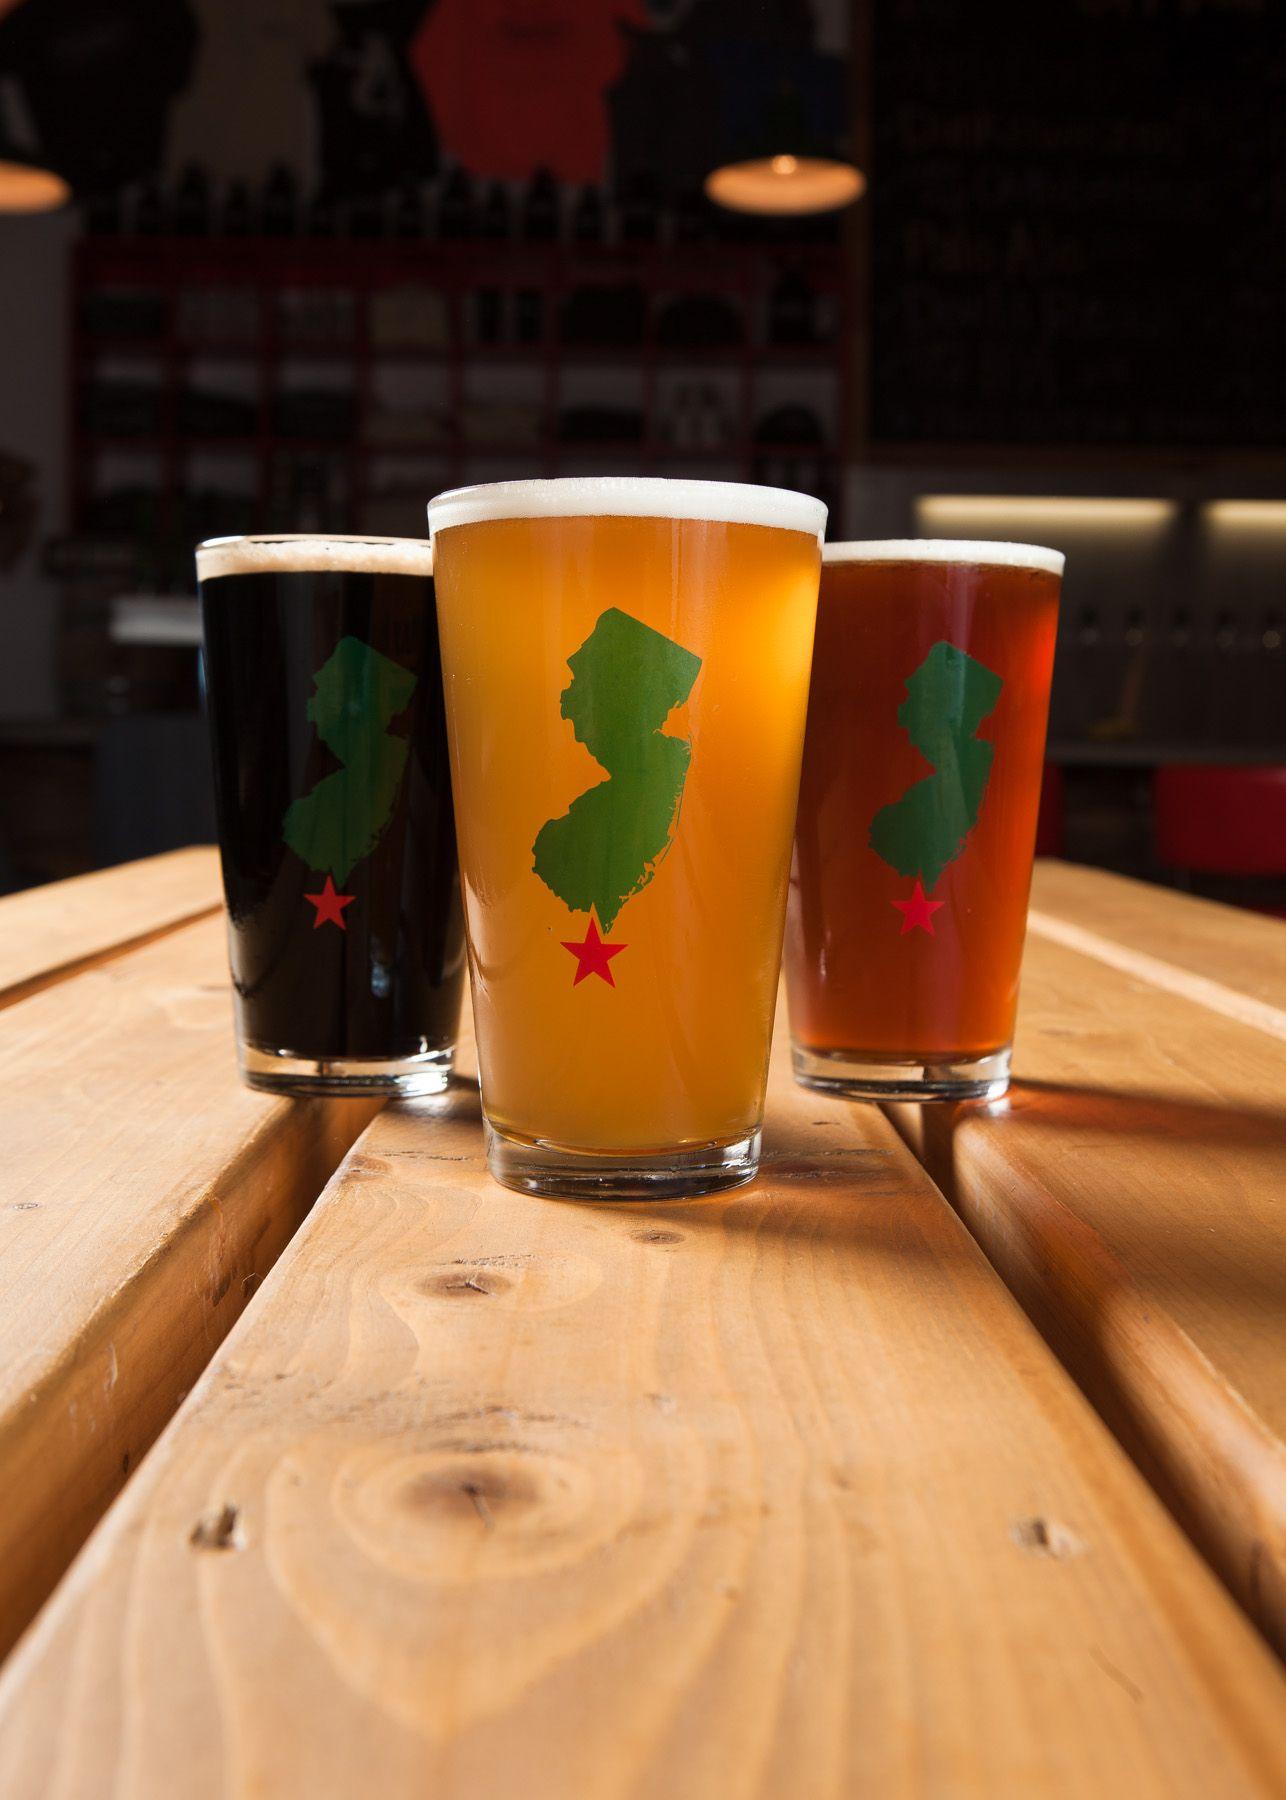 32+ Nj craft beer breweries ideas